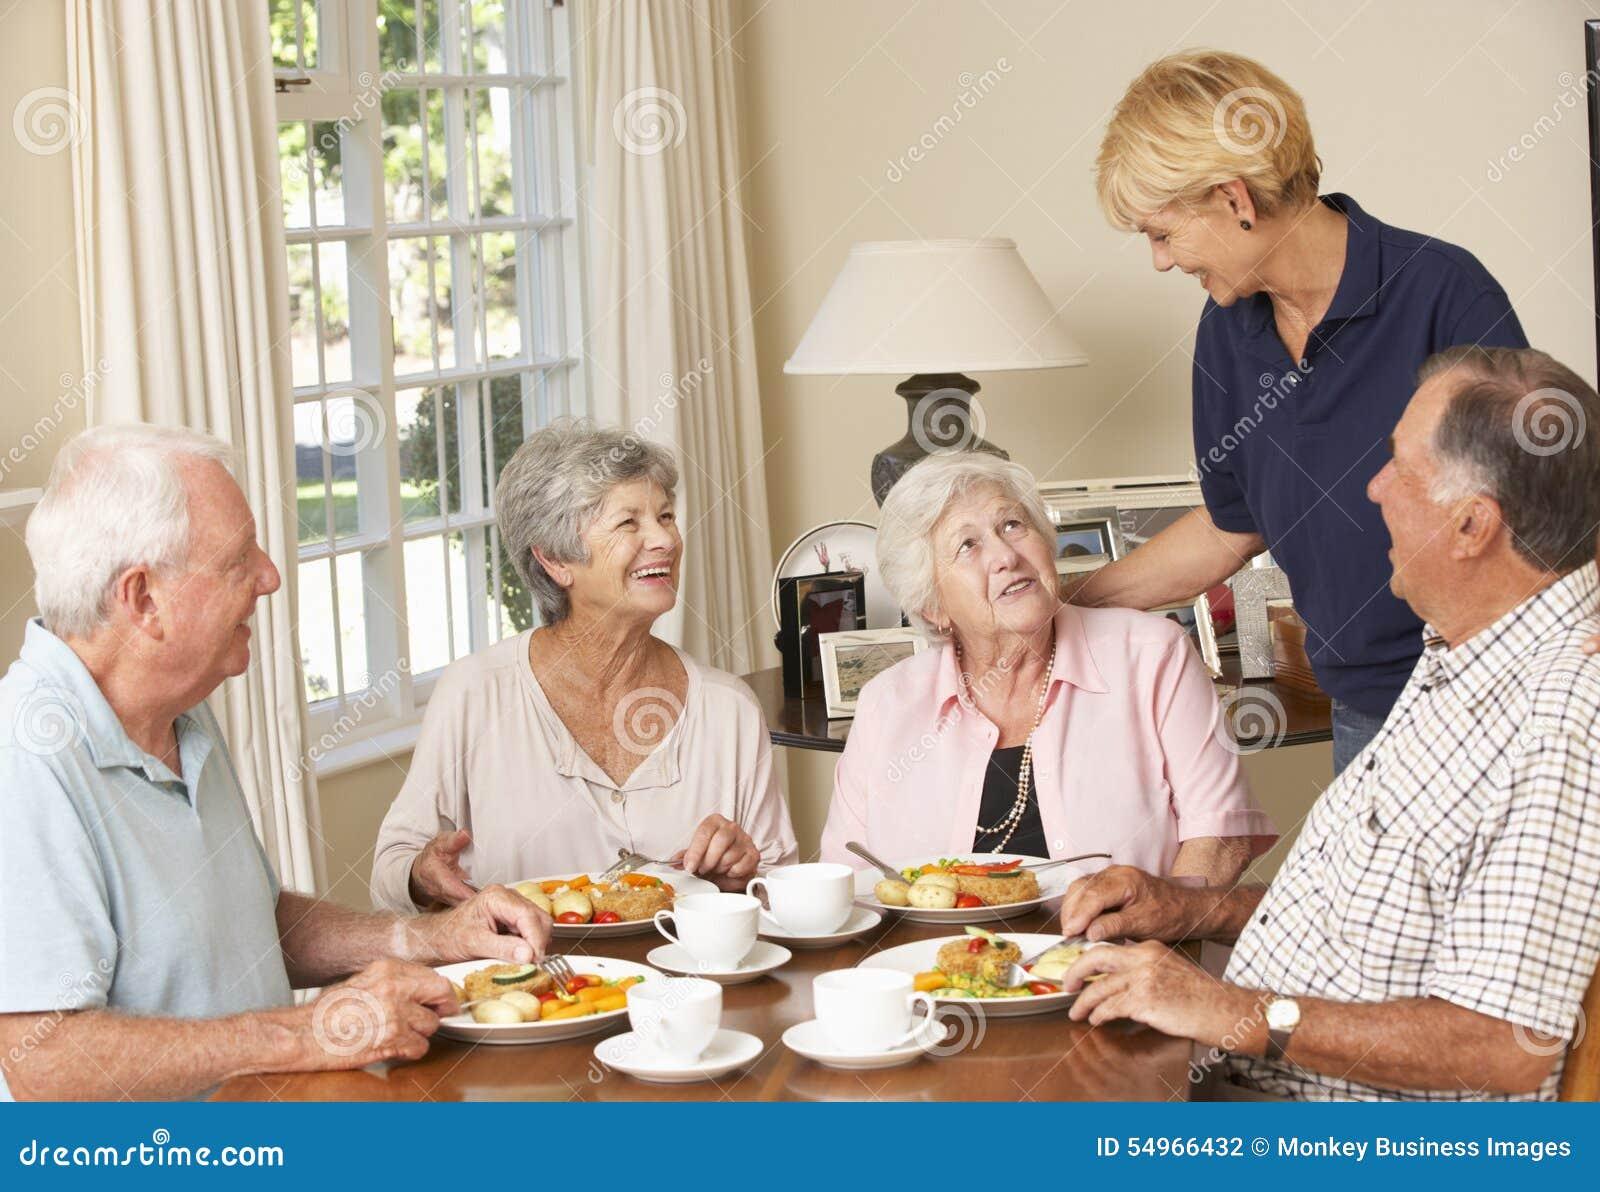 Ομάδα ανώτερων ζευγών που απολαμβάνουν το γεύμα μαζί στο σπίτι προσοχής με την εγχώρια βοήθεια